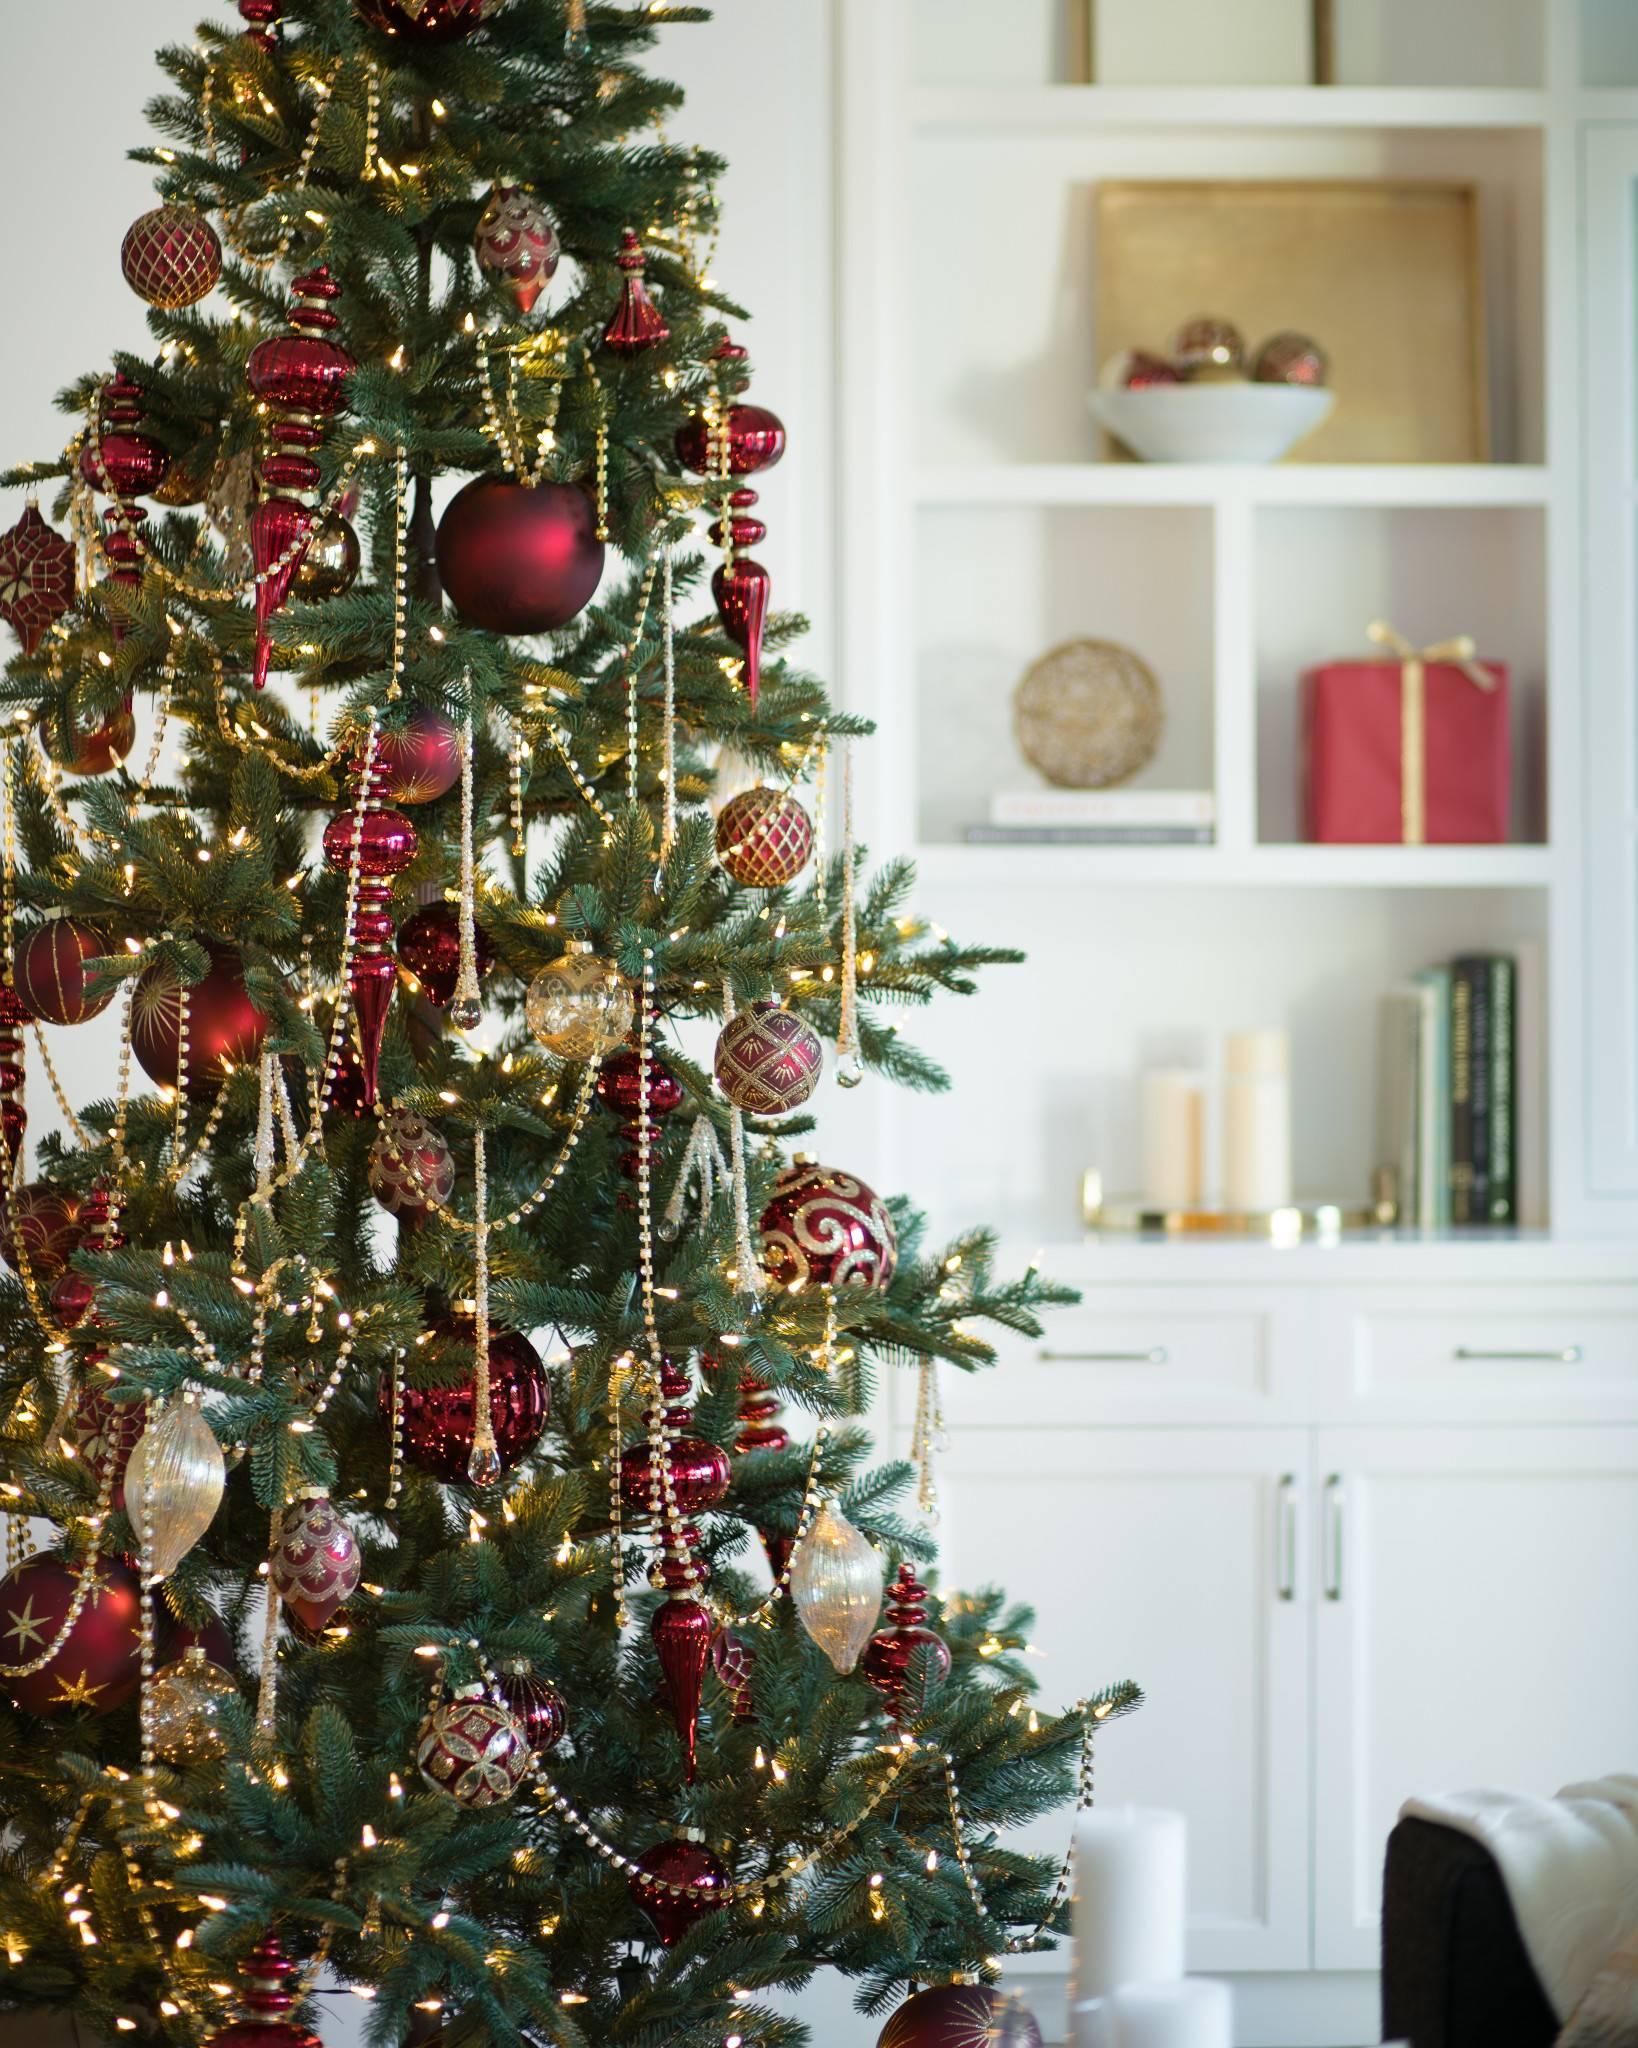 Article Feng Shui Tips For A Festive Season By Belinda Mendoza